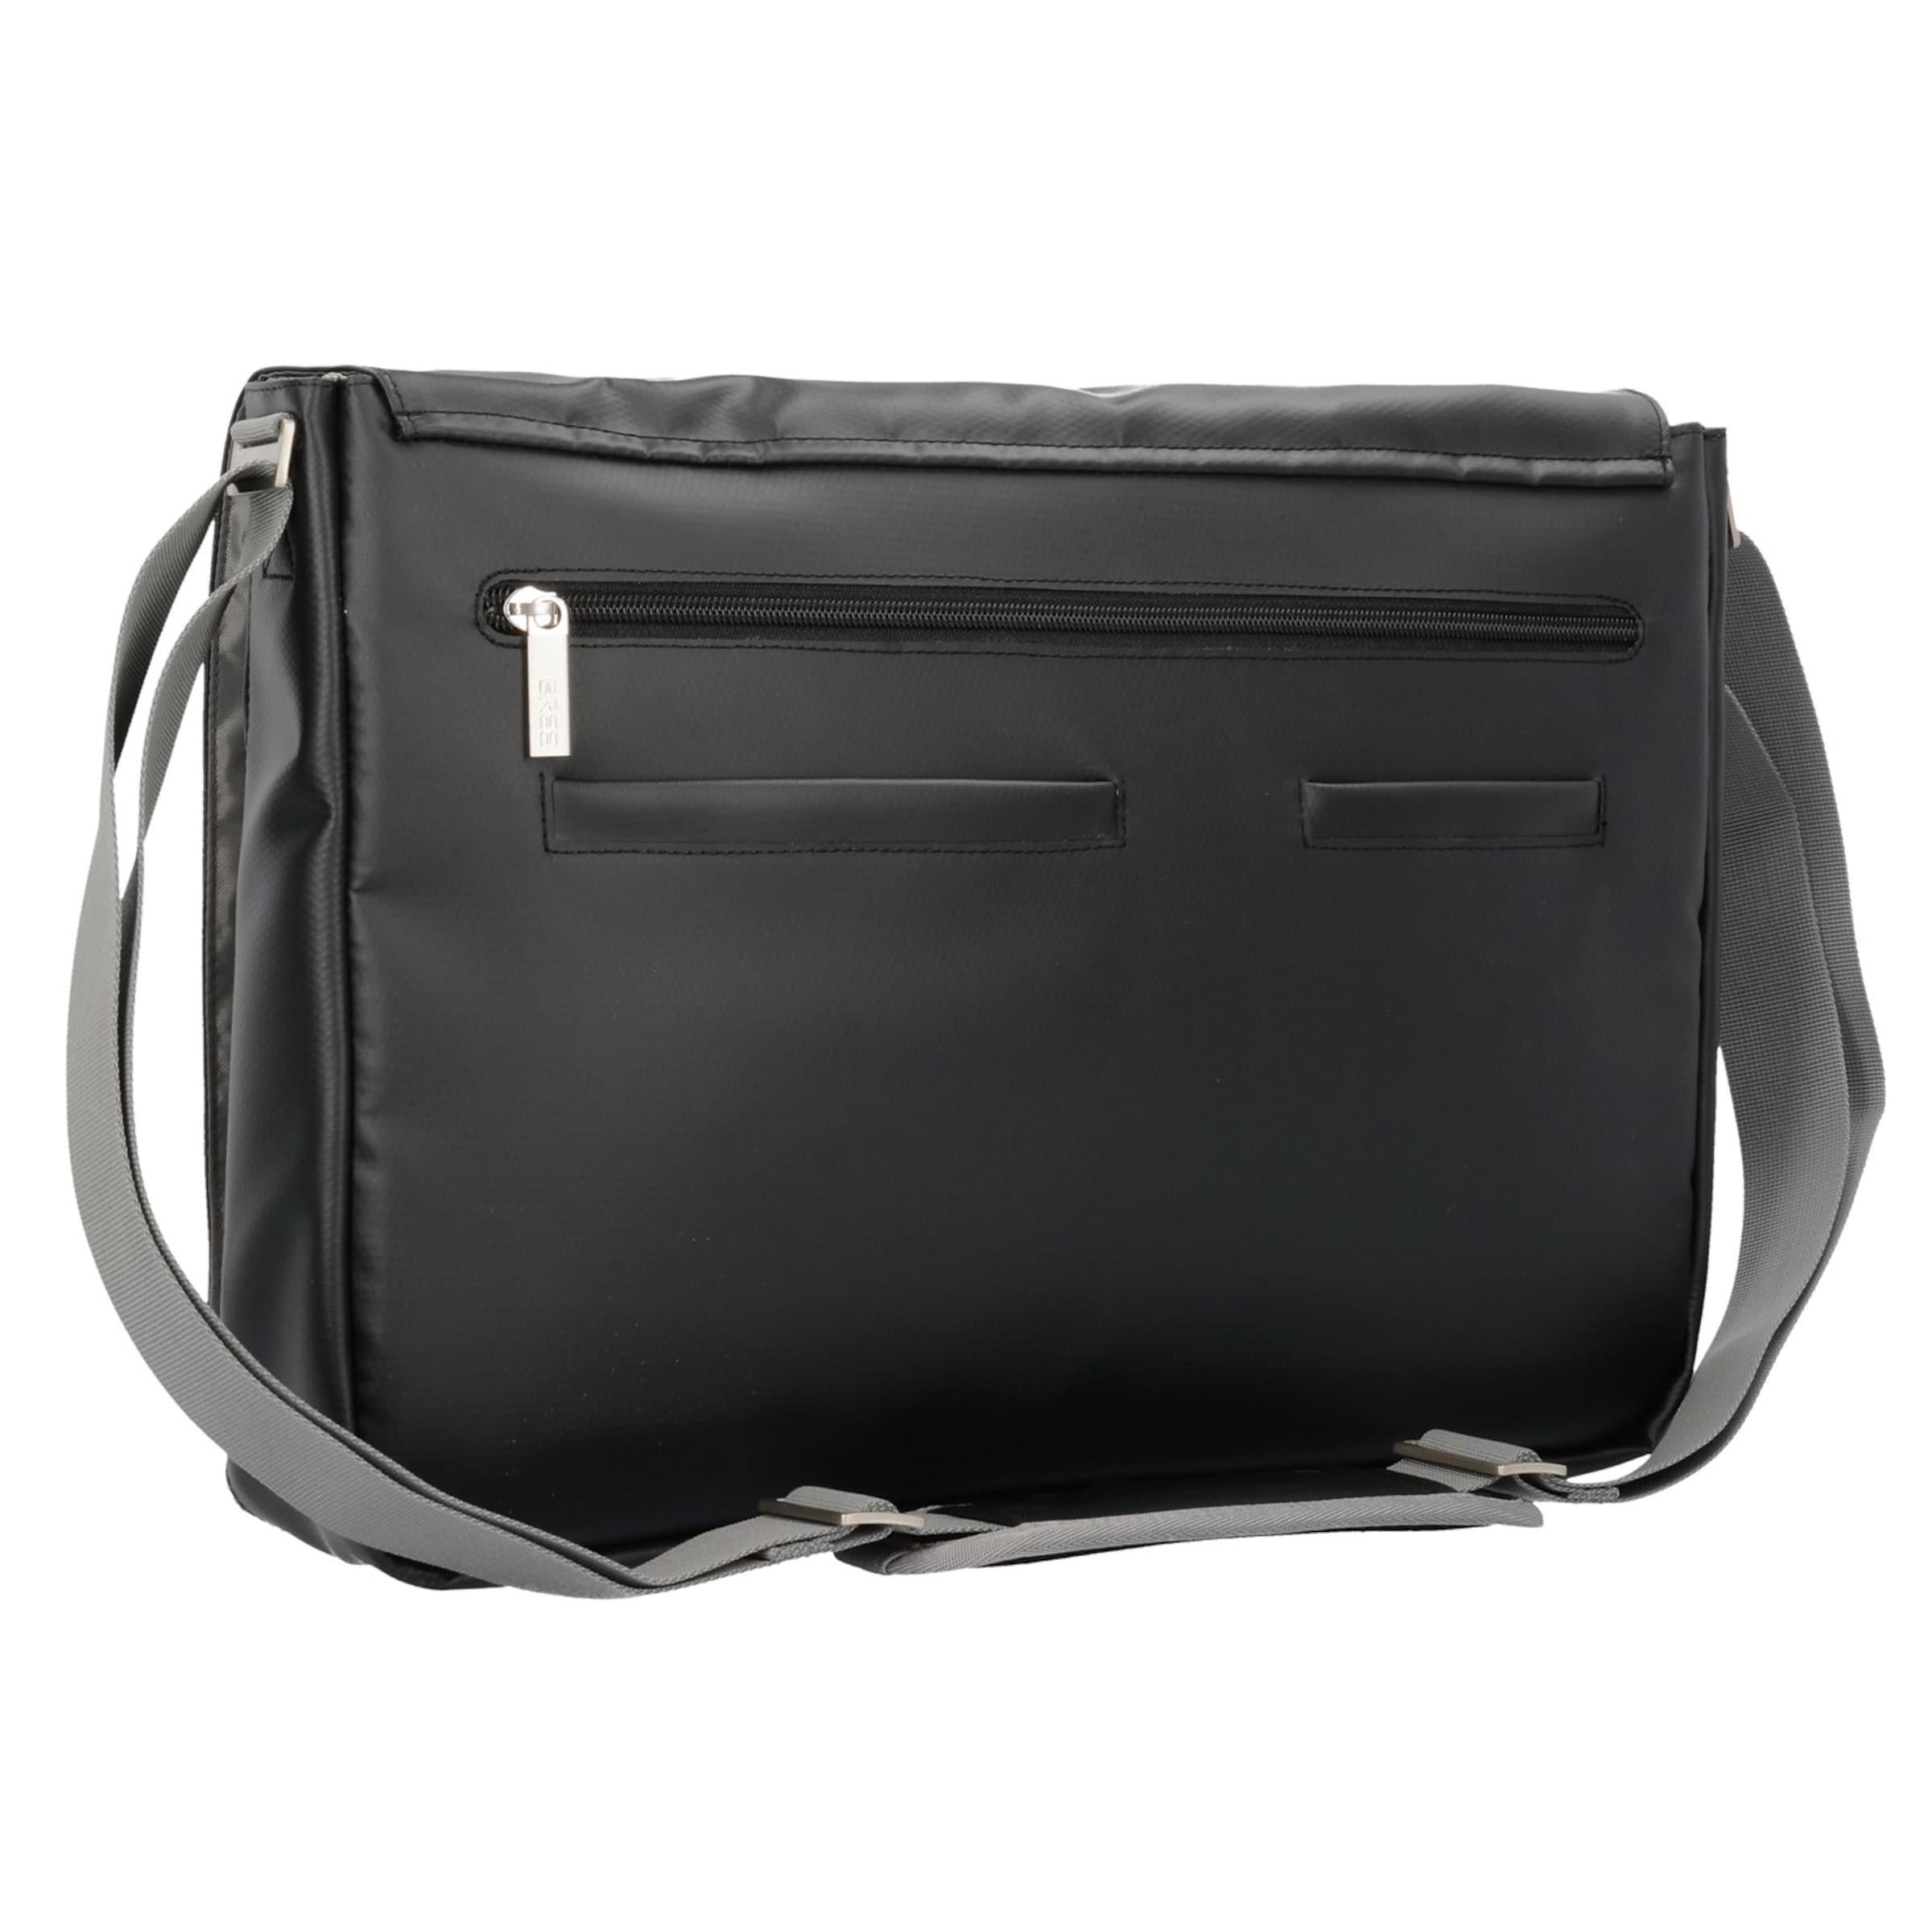 BREE 'Punch 711 Messenger' 41 cm Laptopfach Alle Größen SJ3u3q